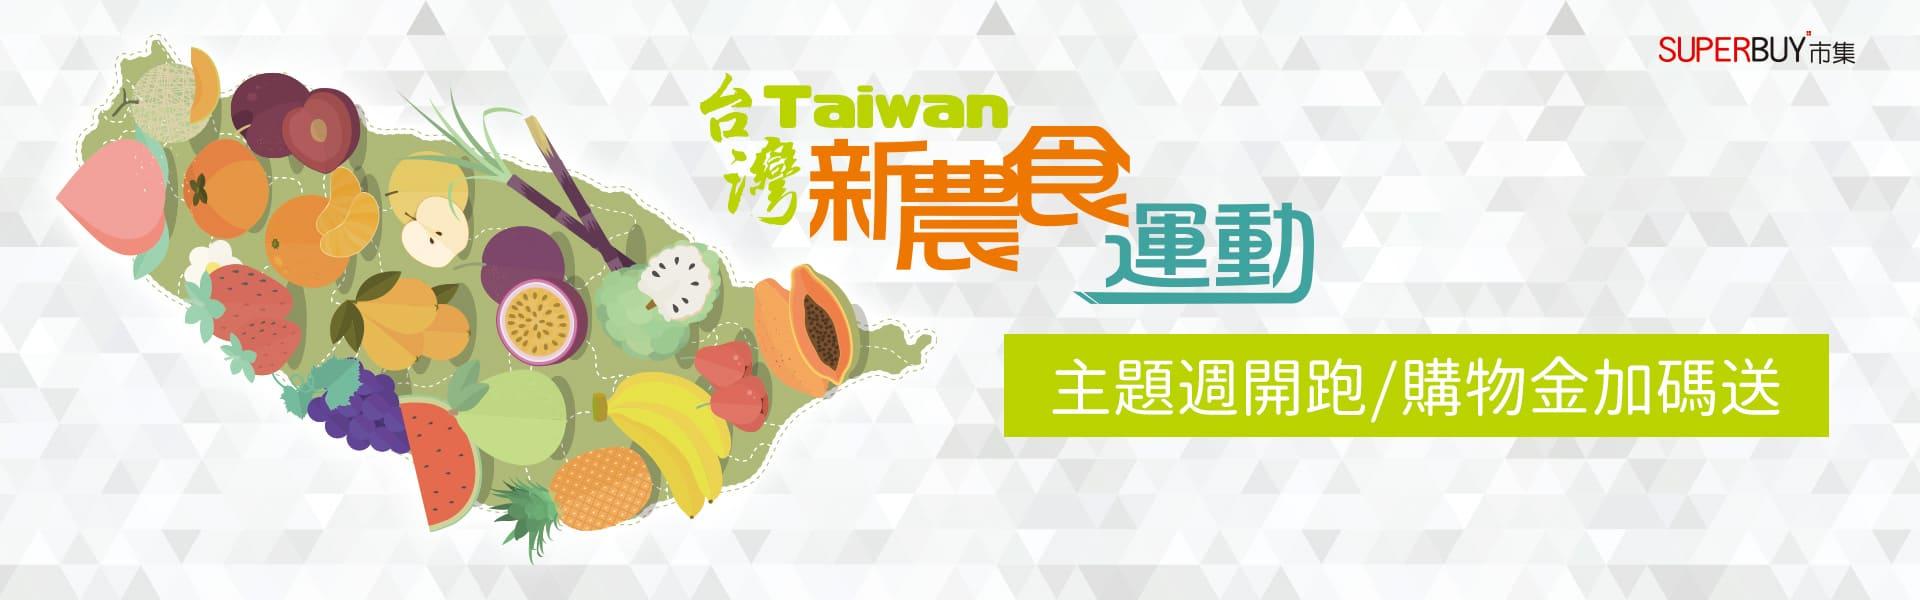 2019台灣新農食運動